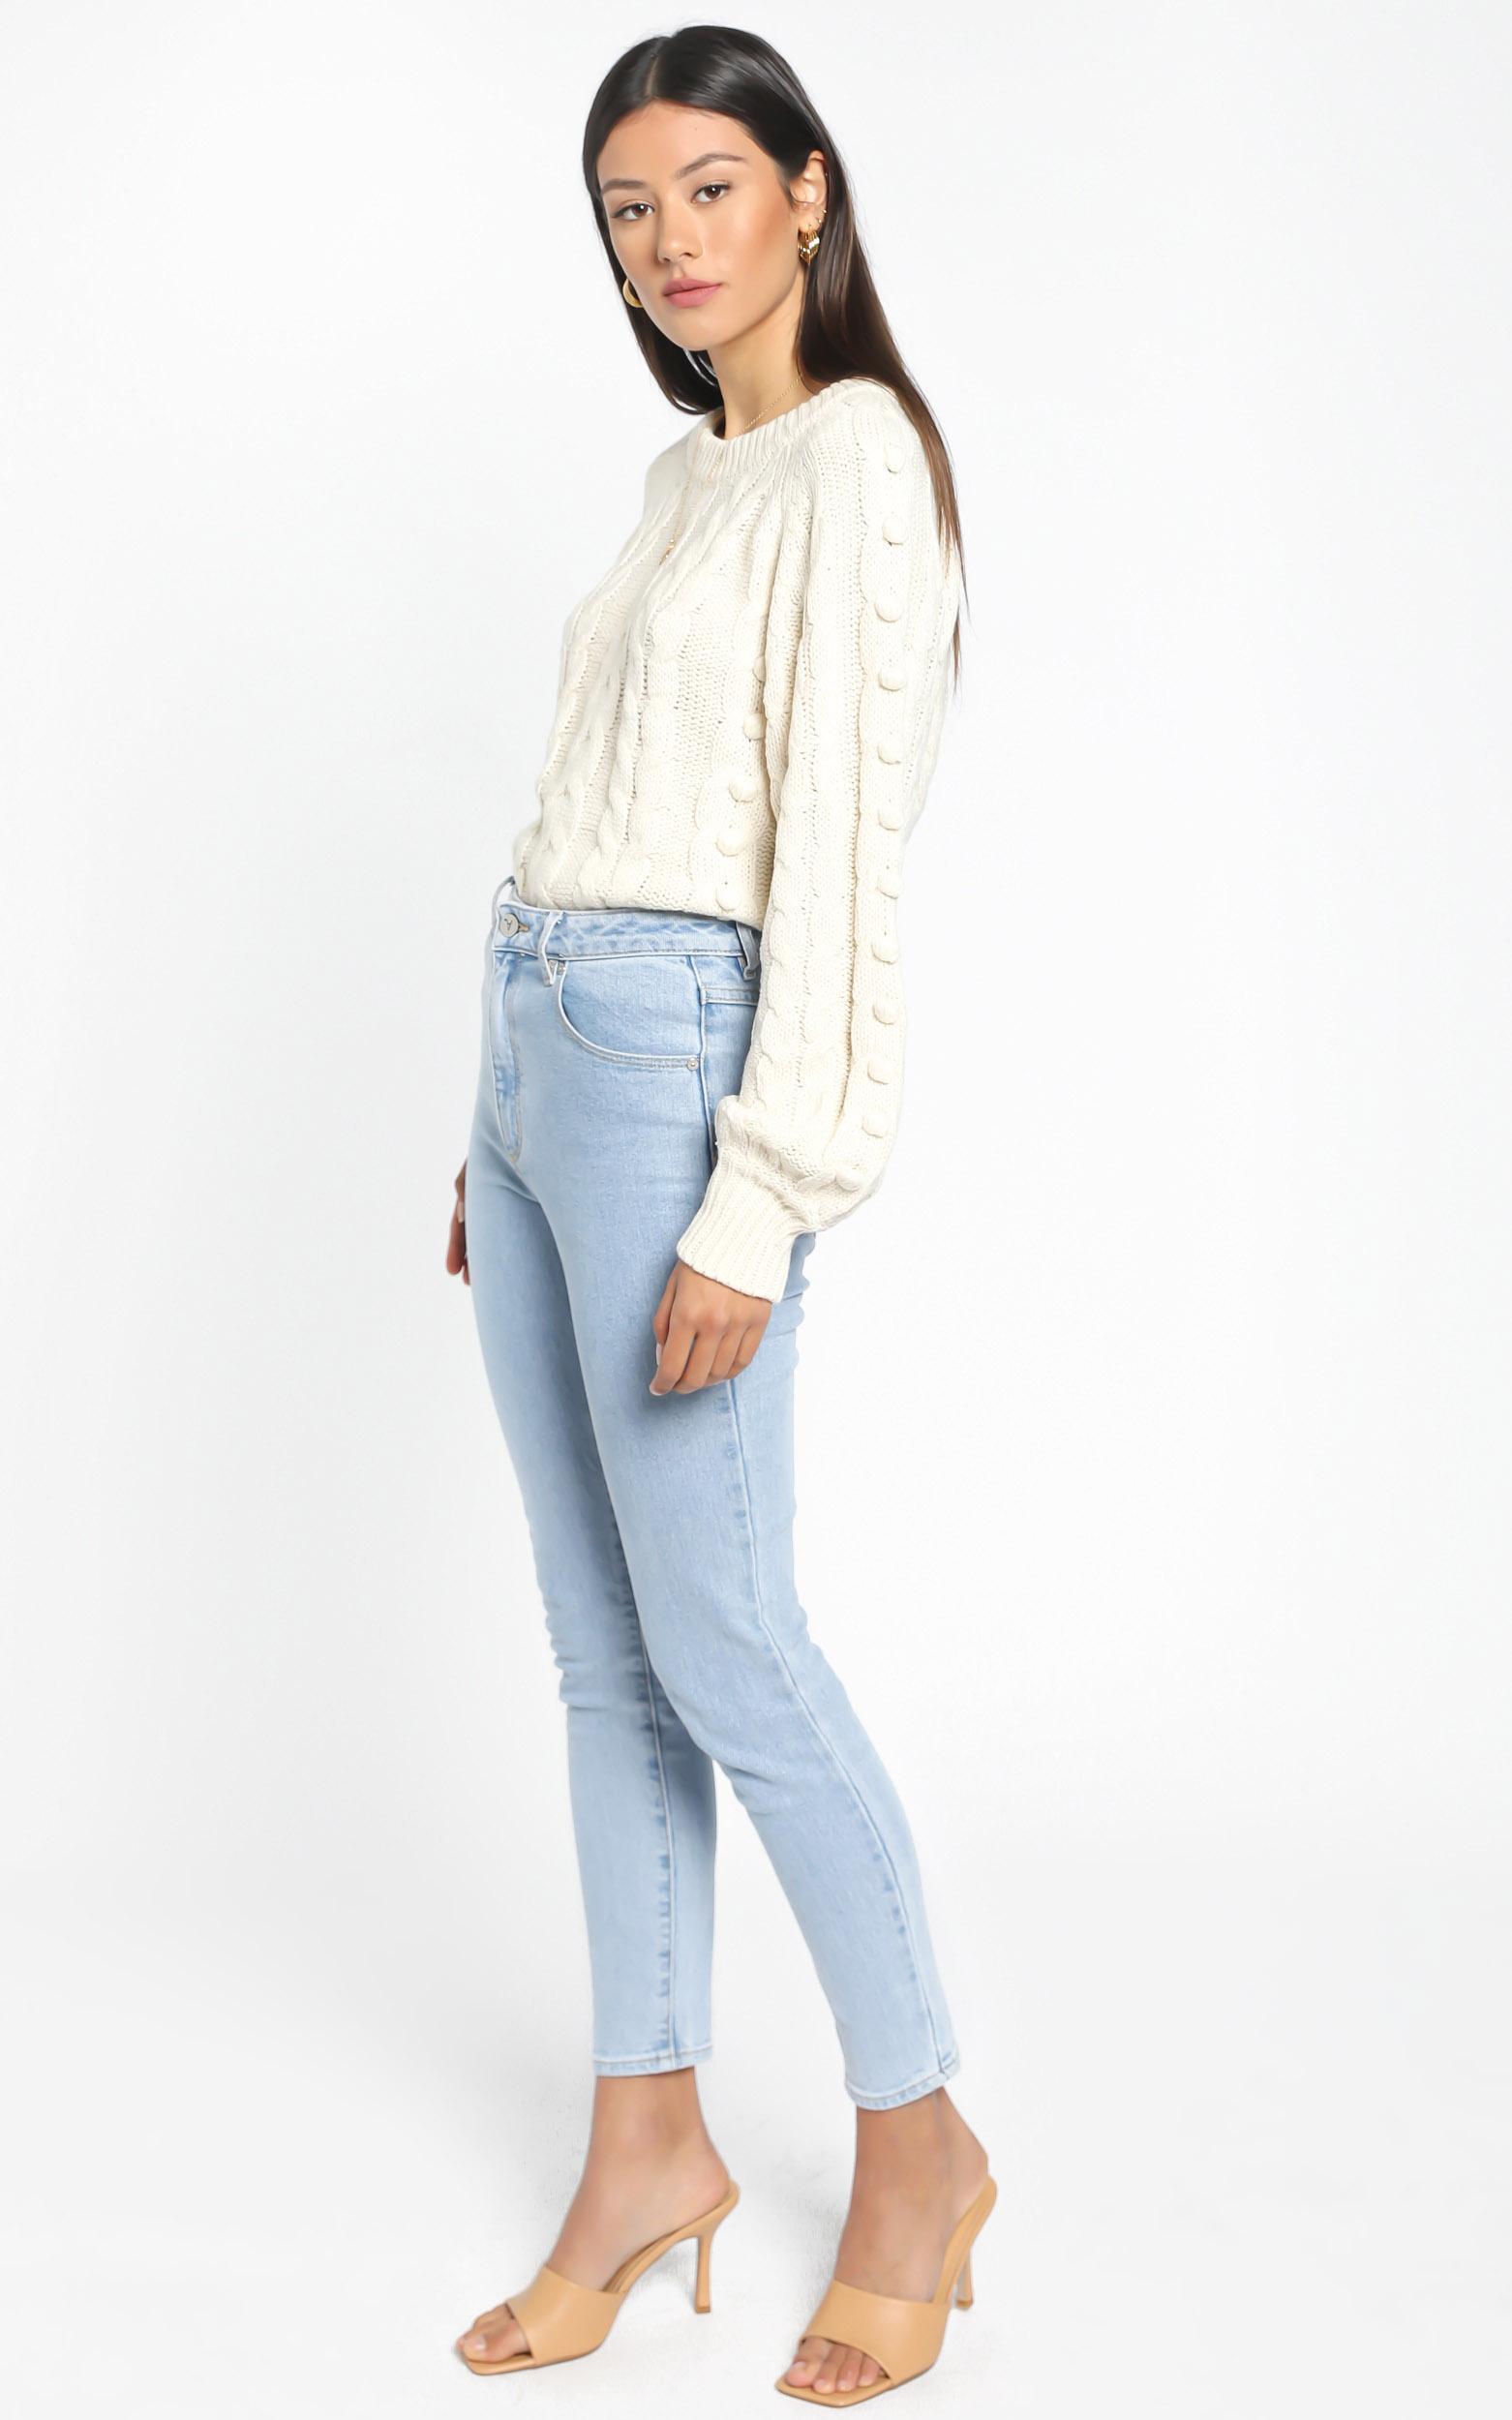 Brianna Bobble Knit In Cream - M/L, Cream, hi-res image number null